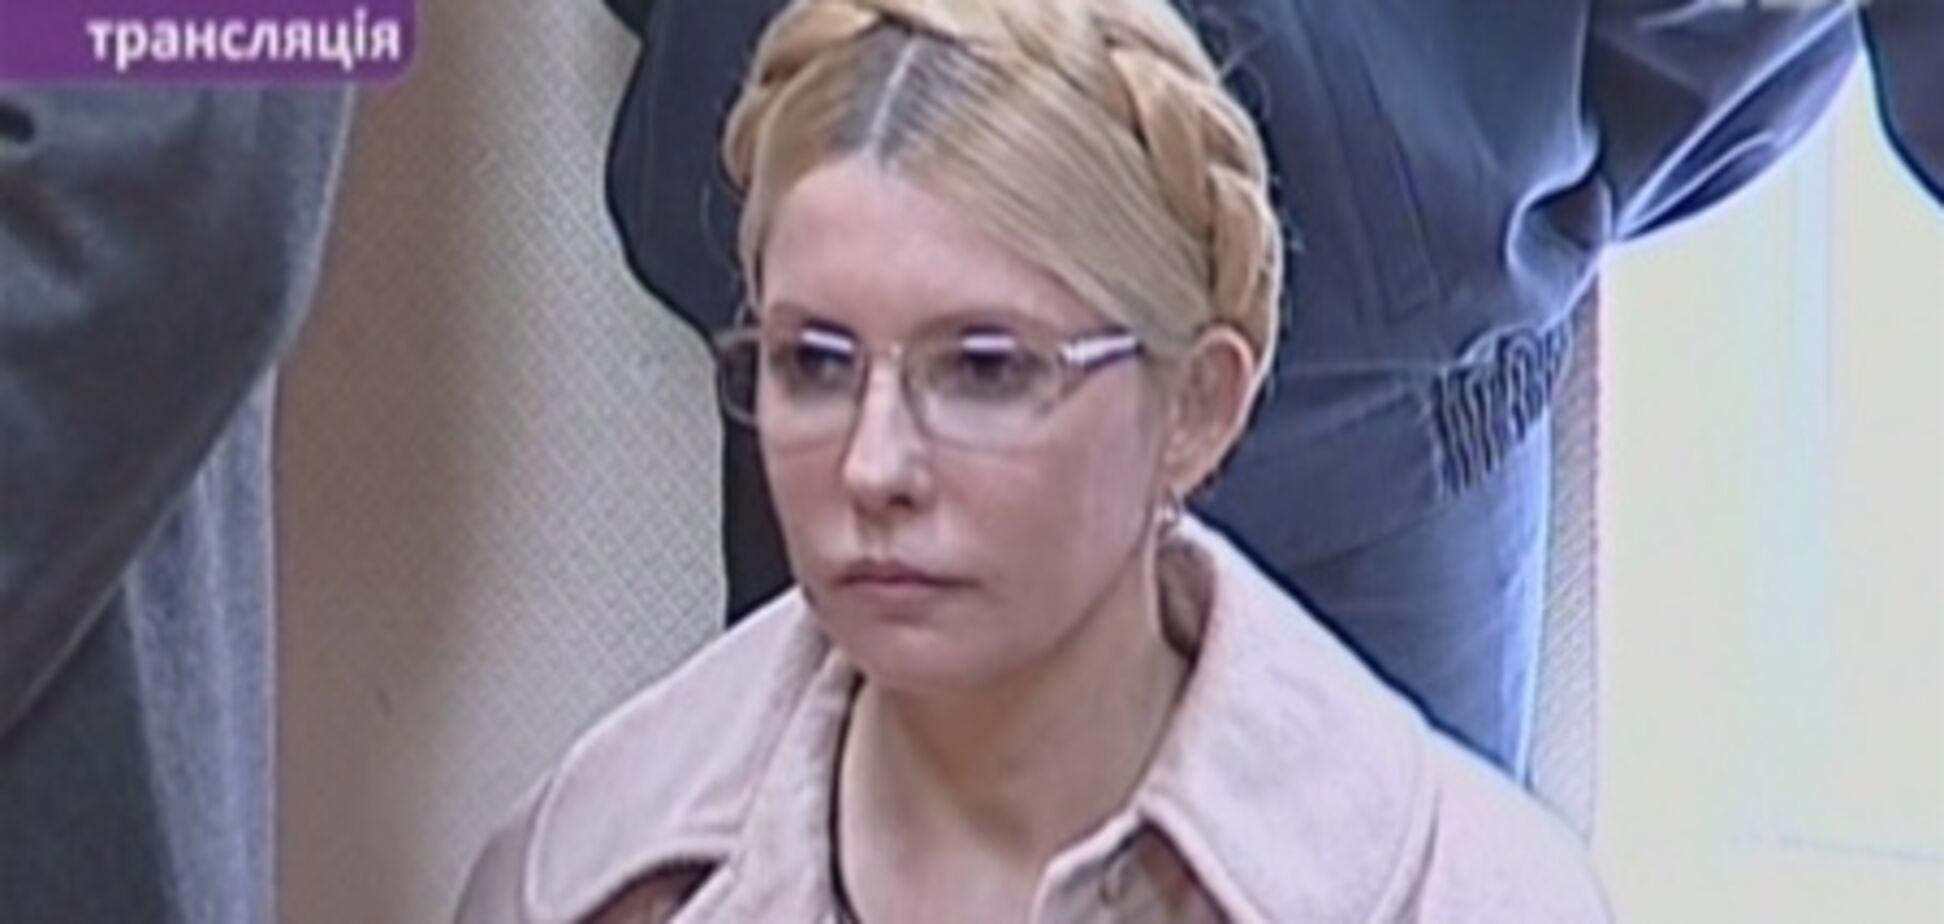 Приговор Тимошенко: 7 лет и 1,5 млрд гривен в пользу 'Нафтогаза'